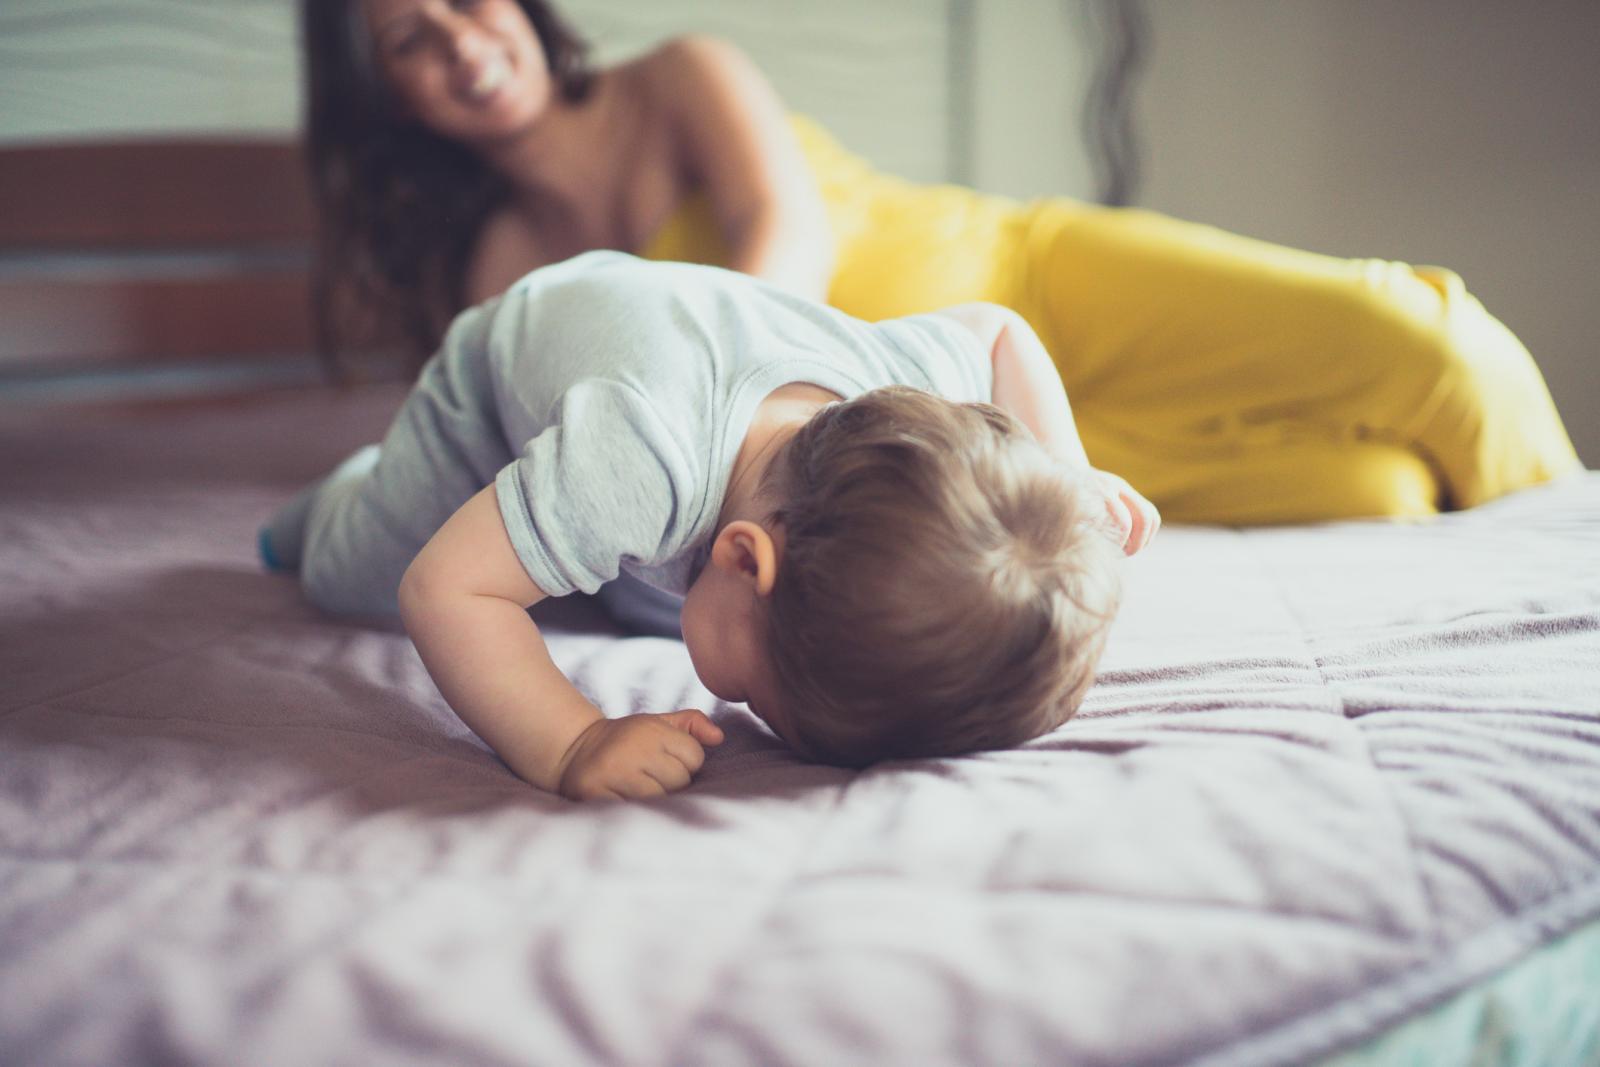 Zajedničko spavanje može povećati kvalitetu sna, odnosno smanjiti broj noćnih buđenja te umor i iscrpljenost roditelja.